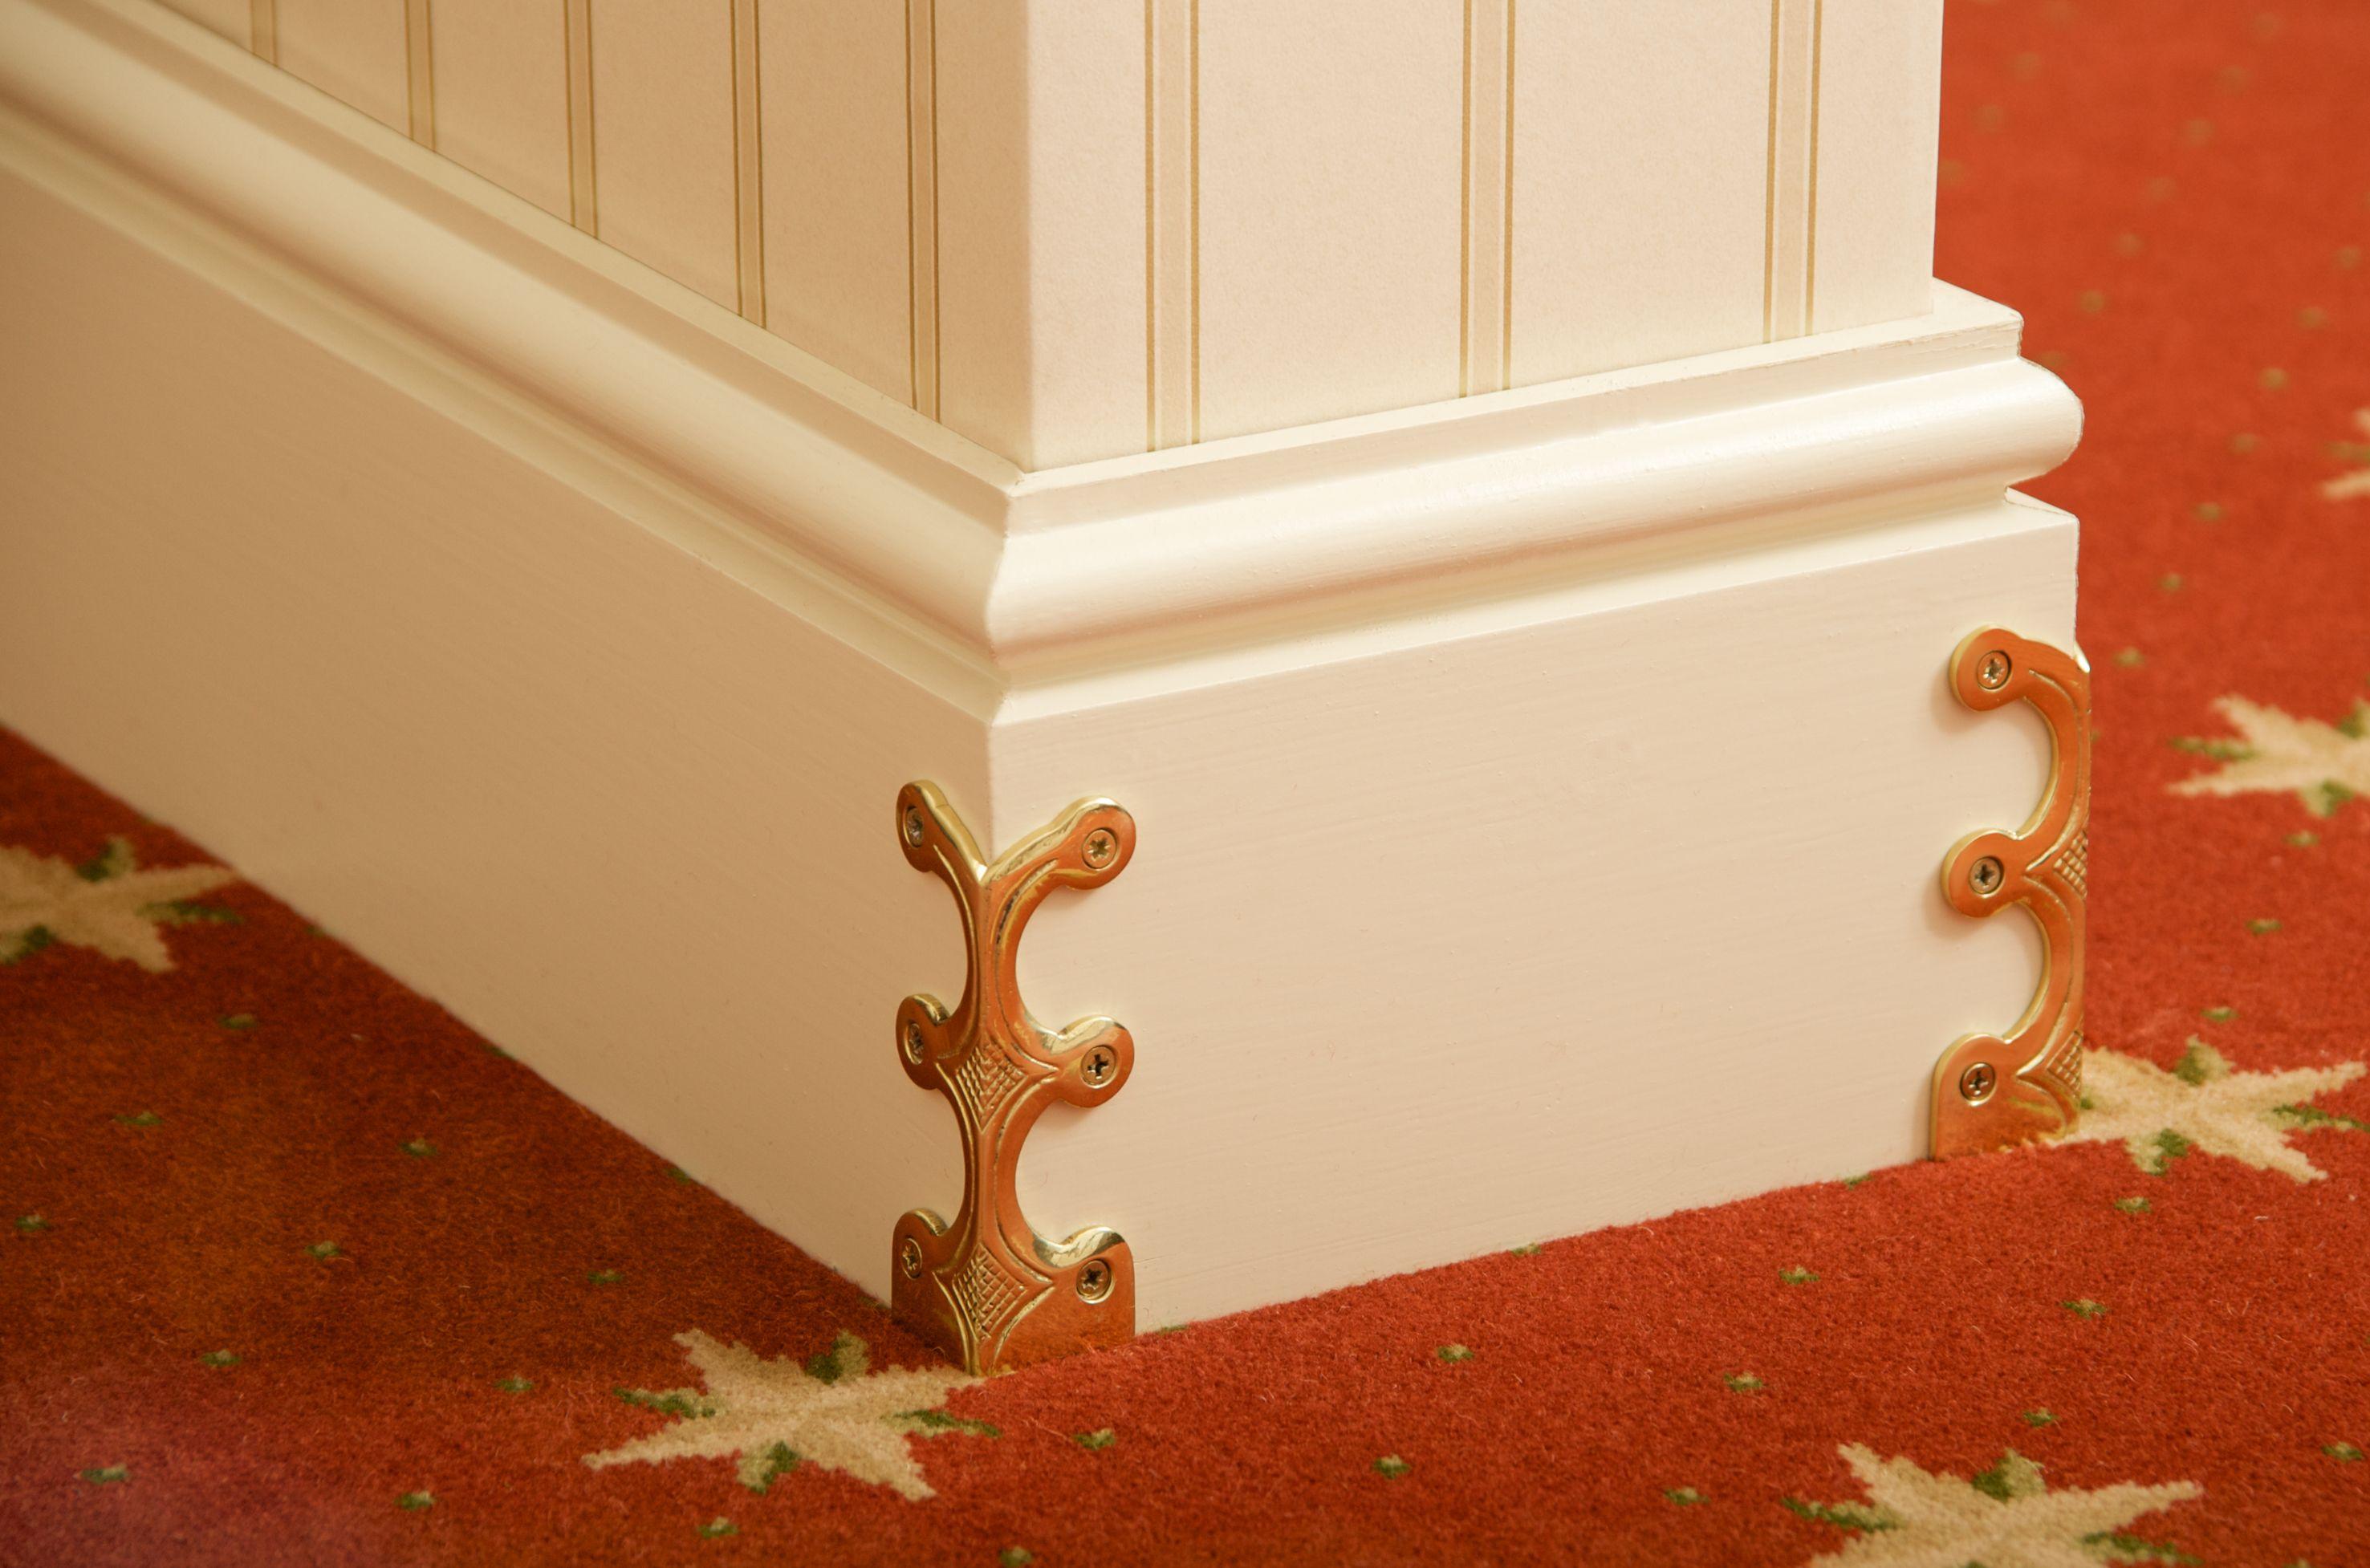 kantenschutz f r sockelleisten messing gl nzend 107 mm h kantenschutz f r. Black Bedroom Furniture Sets. Home Design Ideas